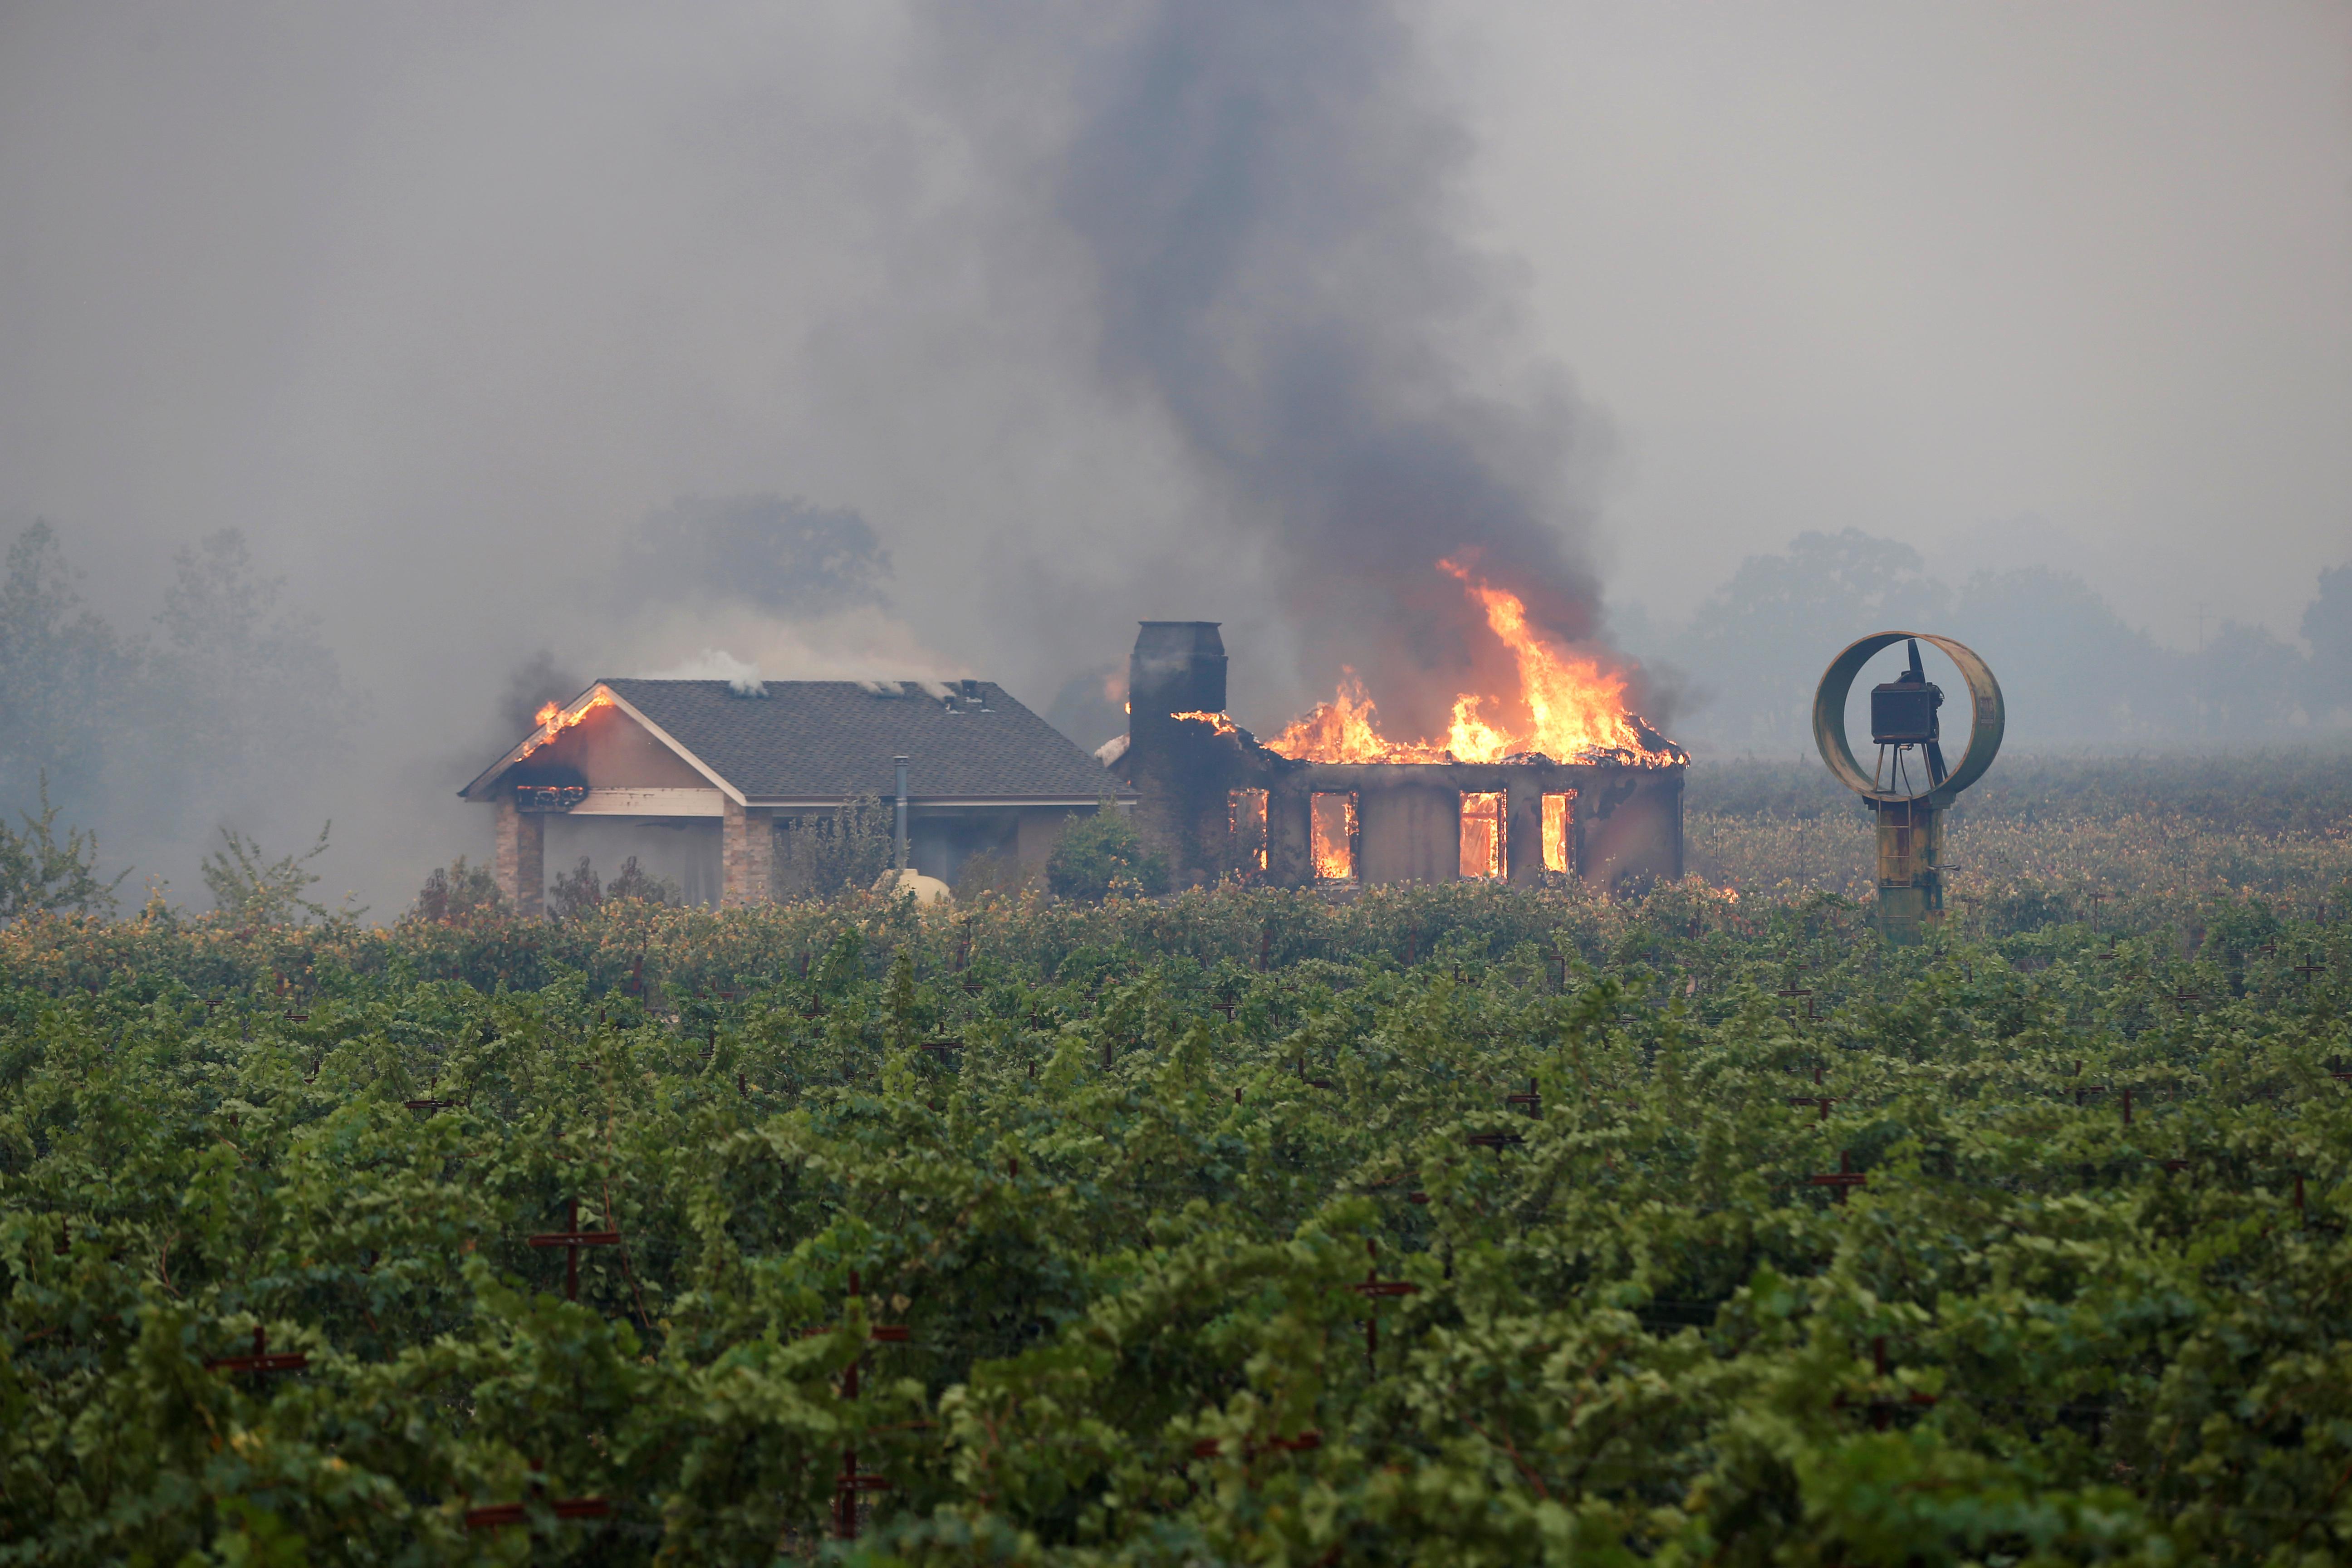 منزل يحترق وسط كروم العنب في كاليفورنيا